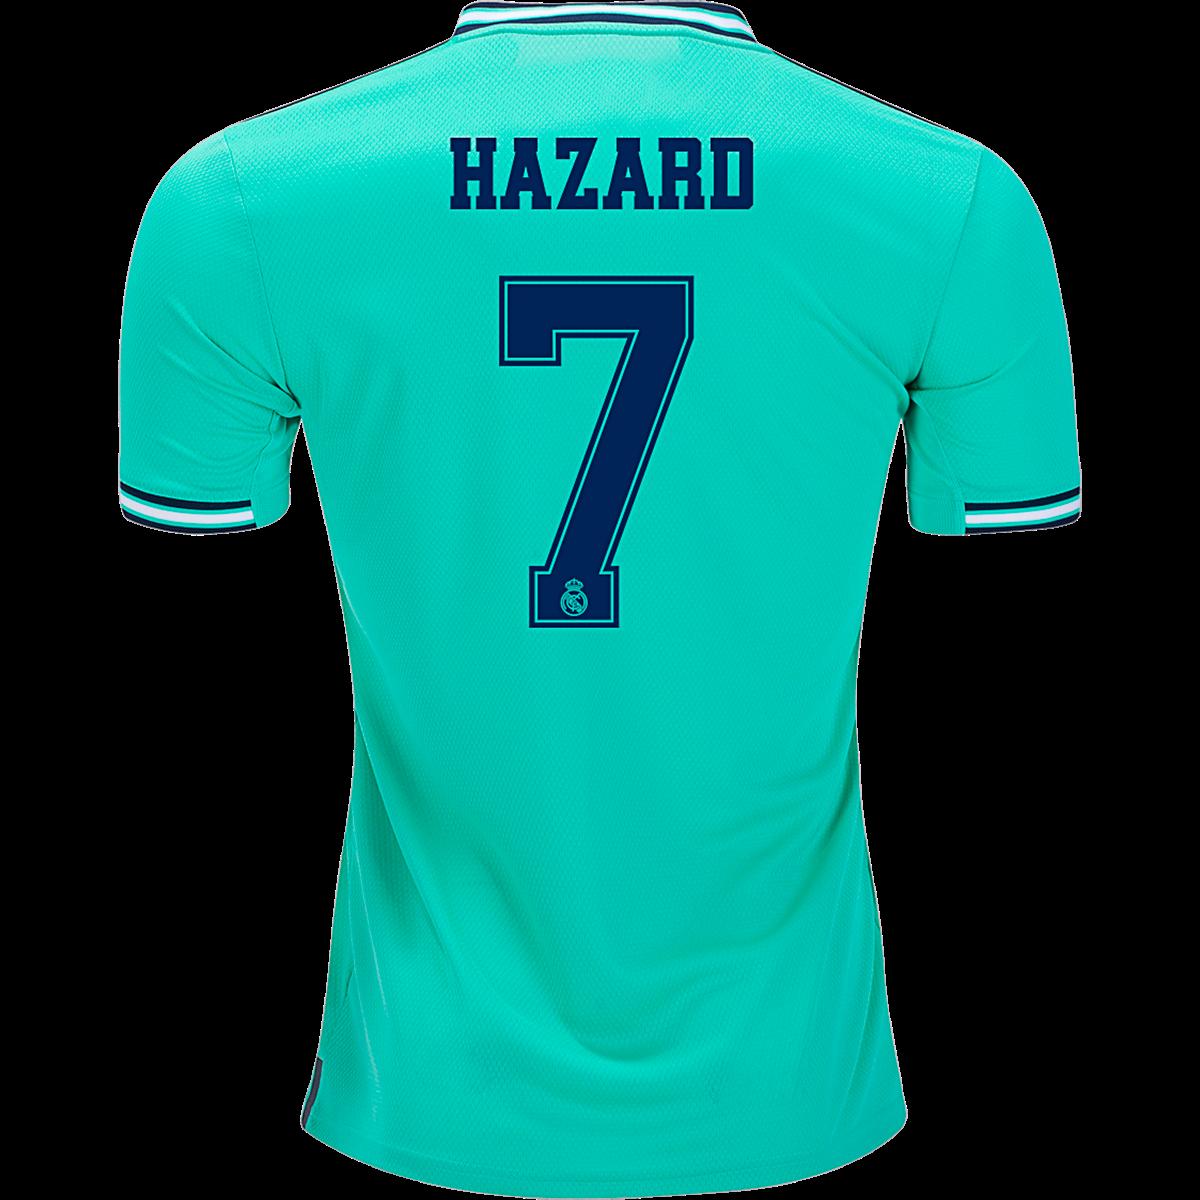 Adidas Eden Hazard Real Madrid Third Jersey 19 20 2xl In 2020 Hazard Real Madrid Eden Hazard Real Madrid